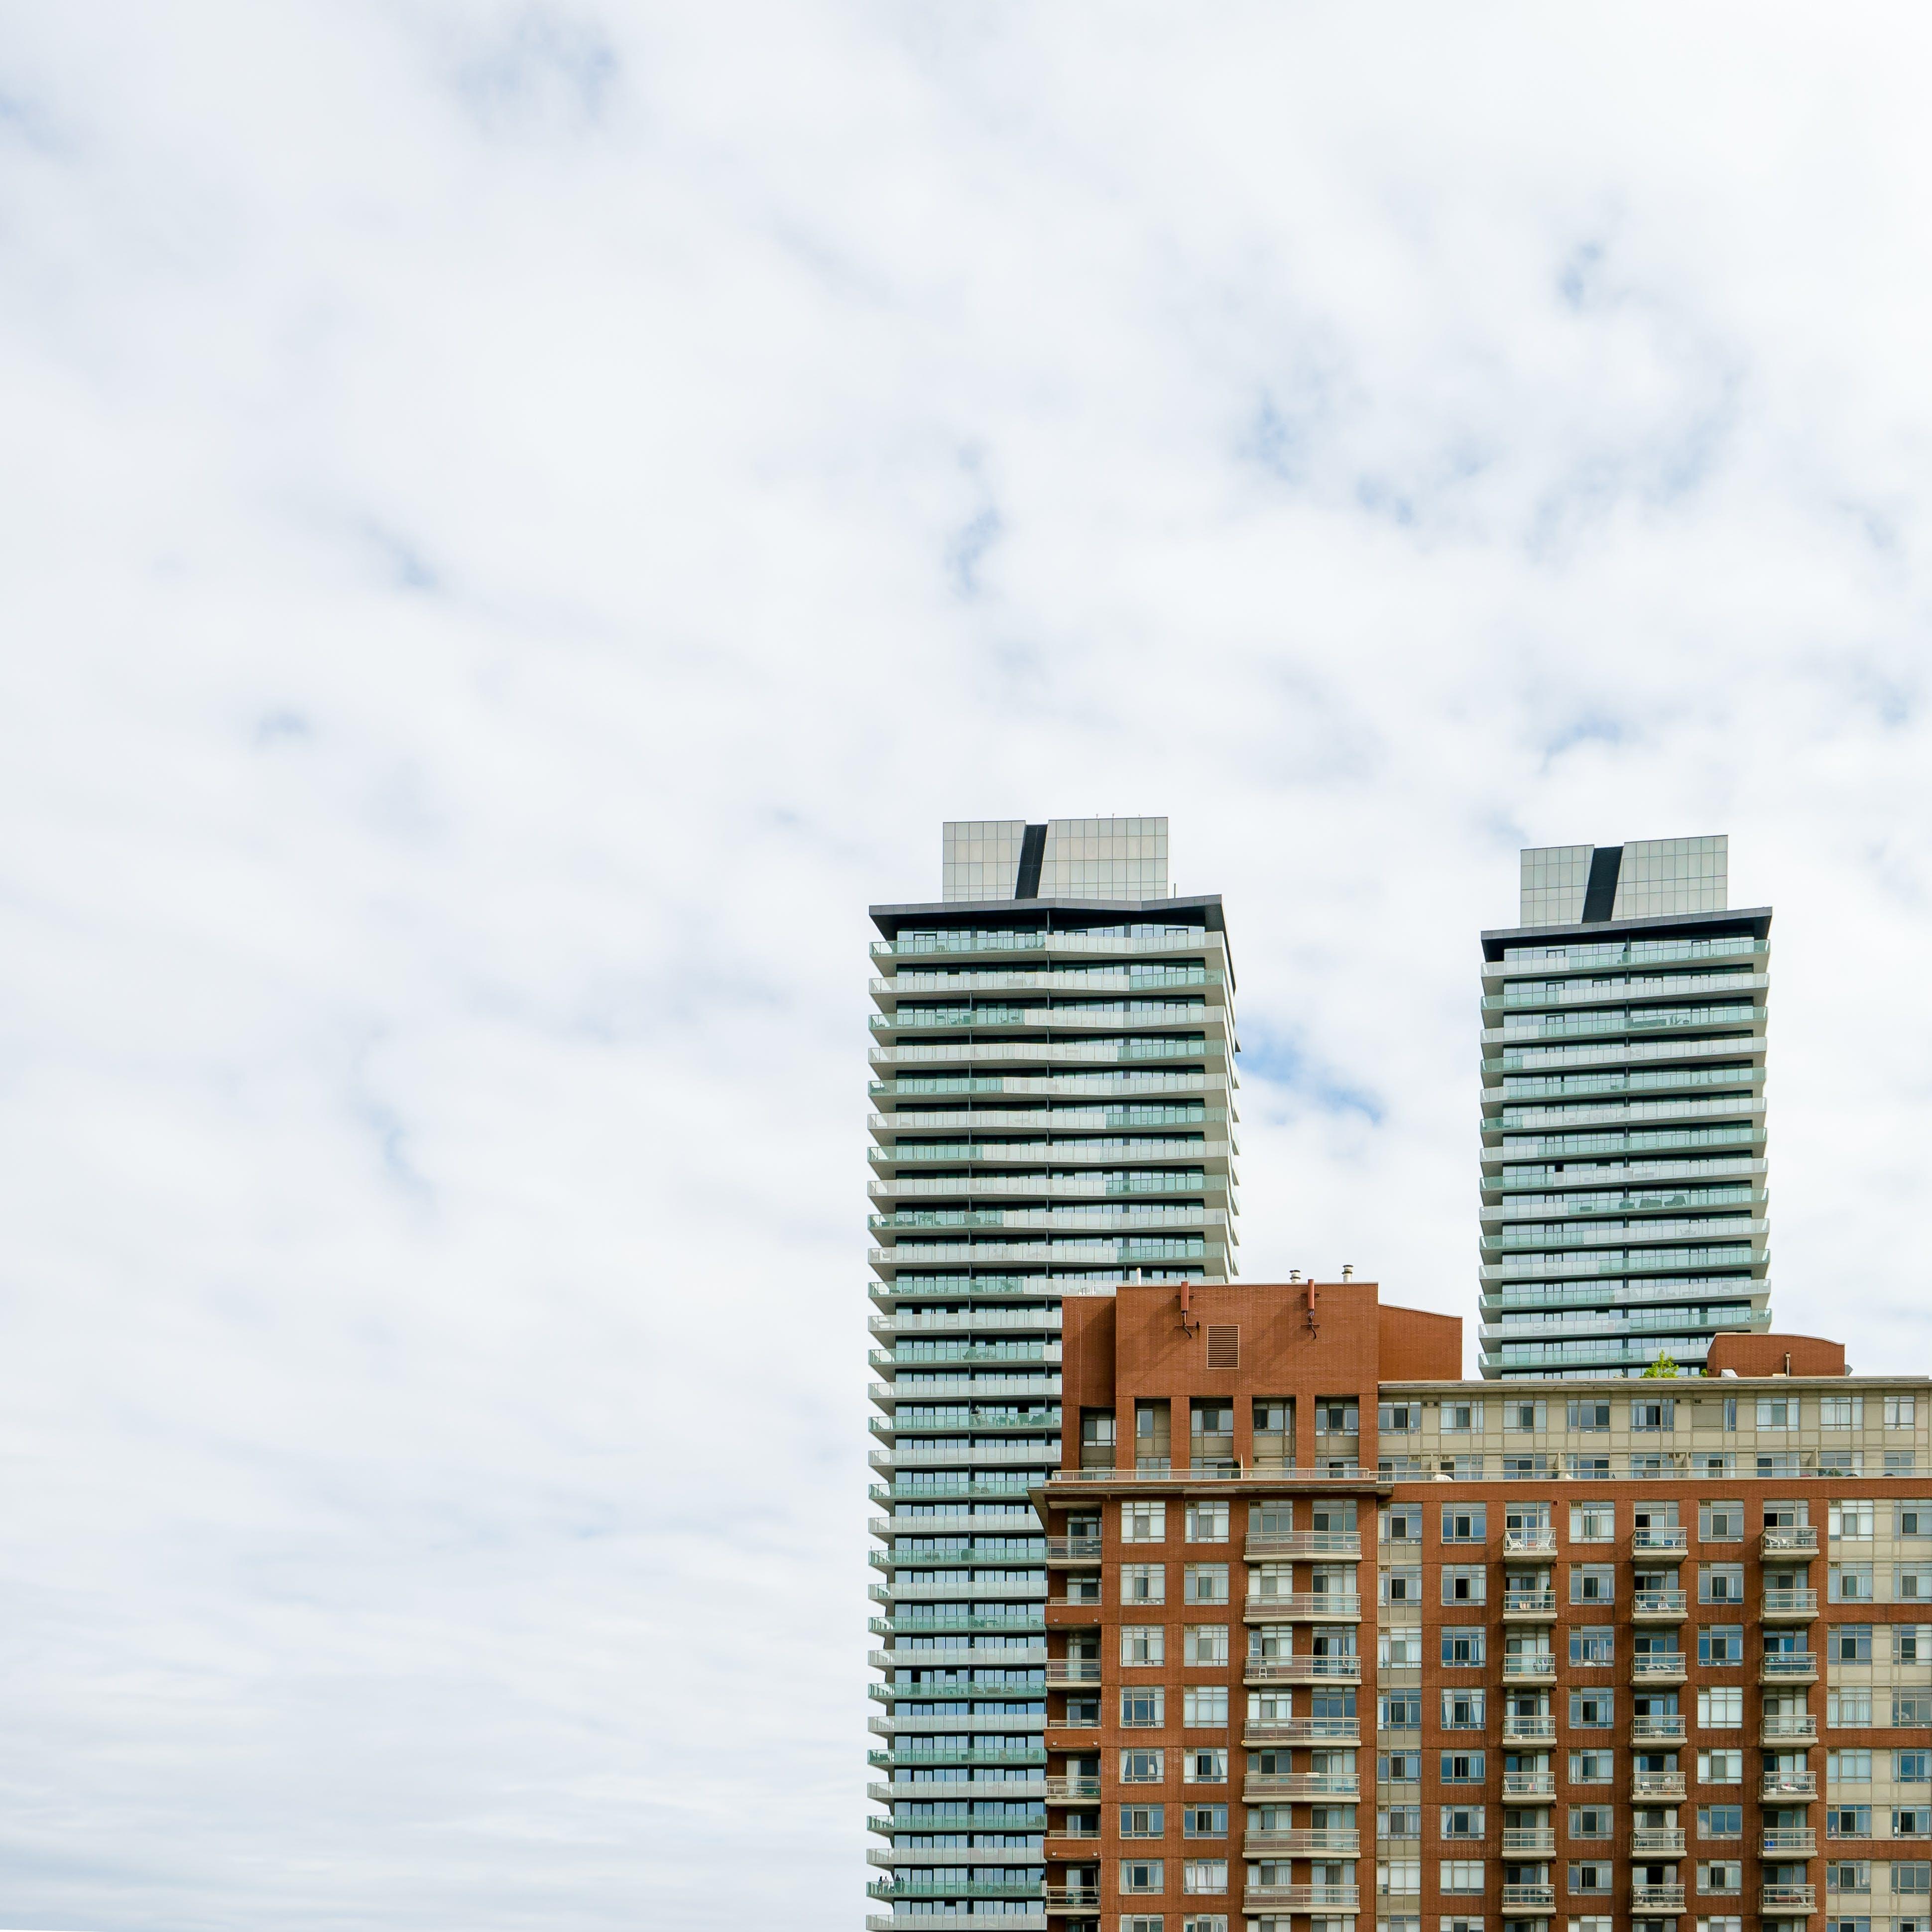 apartment building, buildings, city